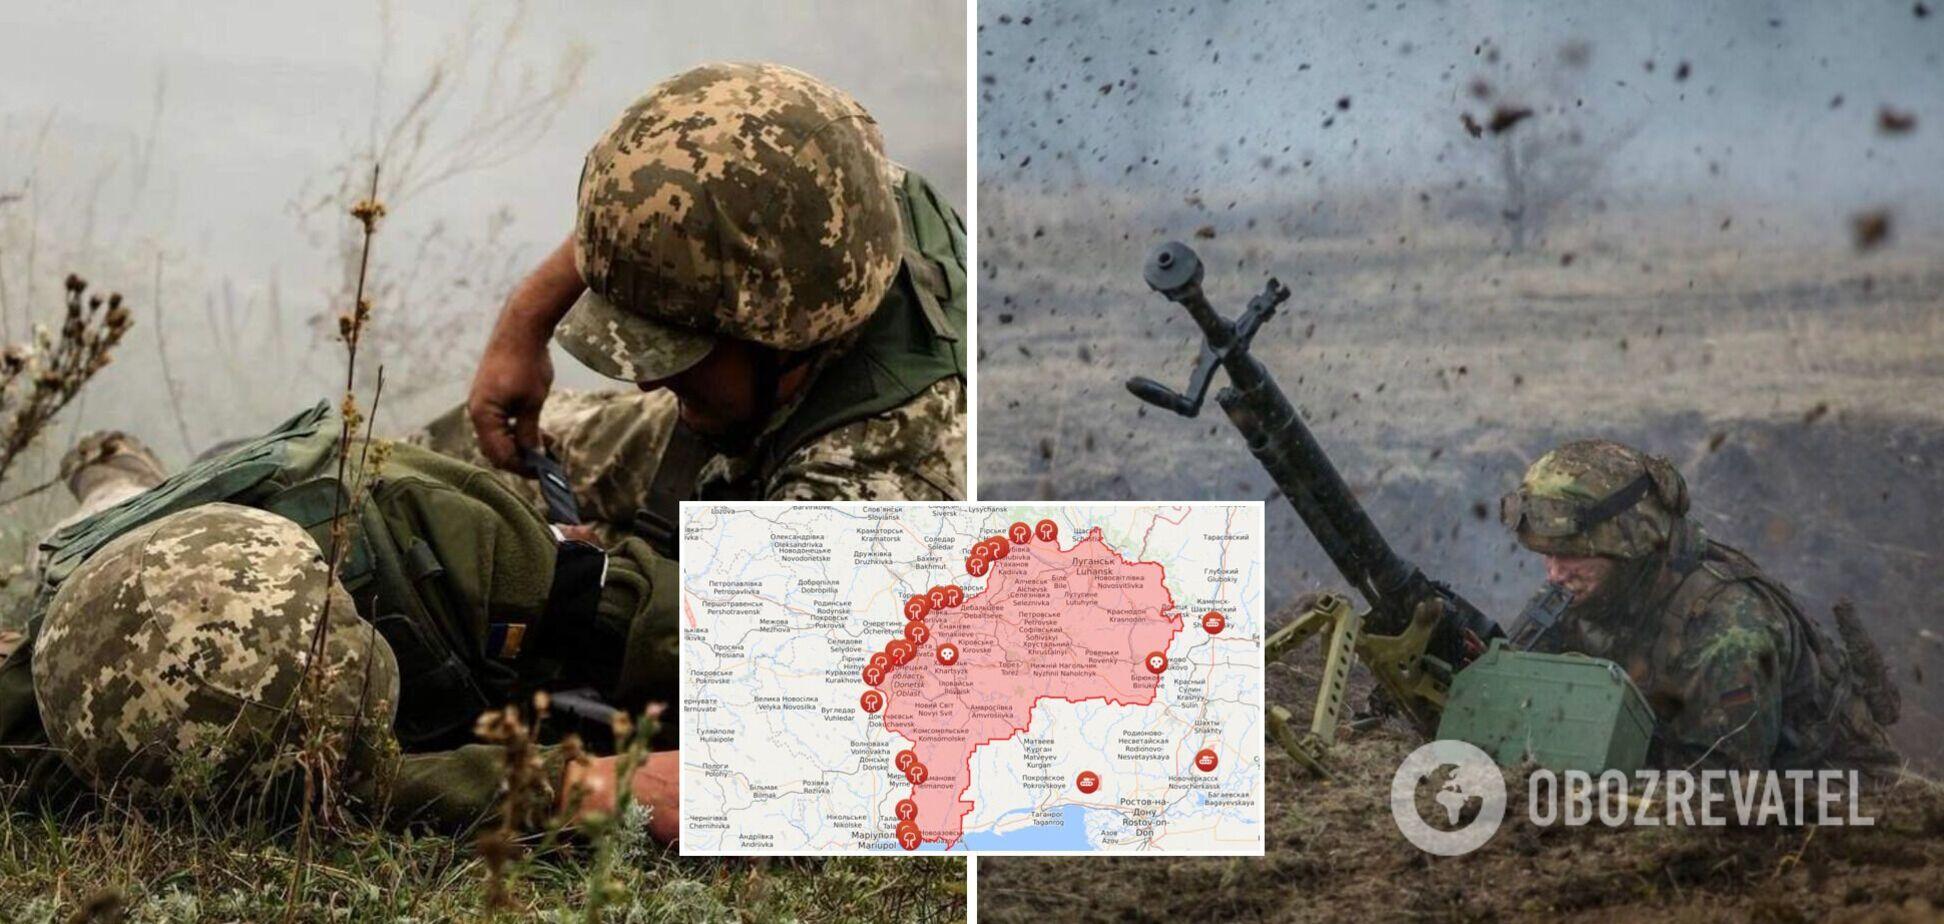 На Донбассе убили бойца ВСУ, еще 10 получили ранения и травмы: все подробности